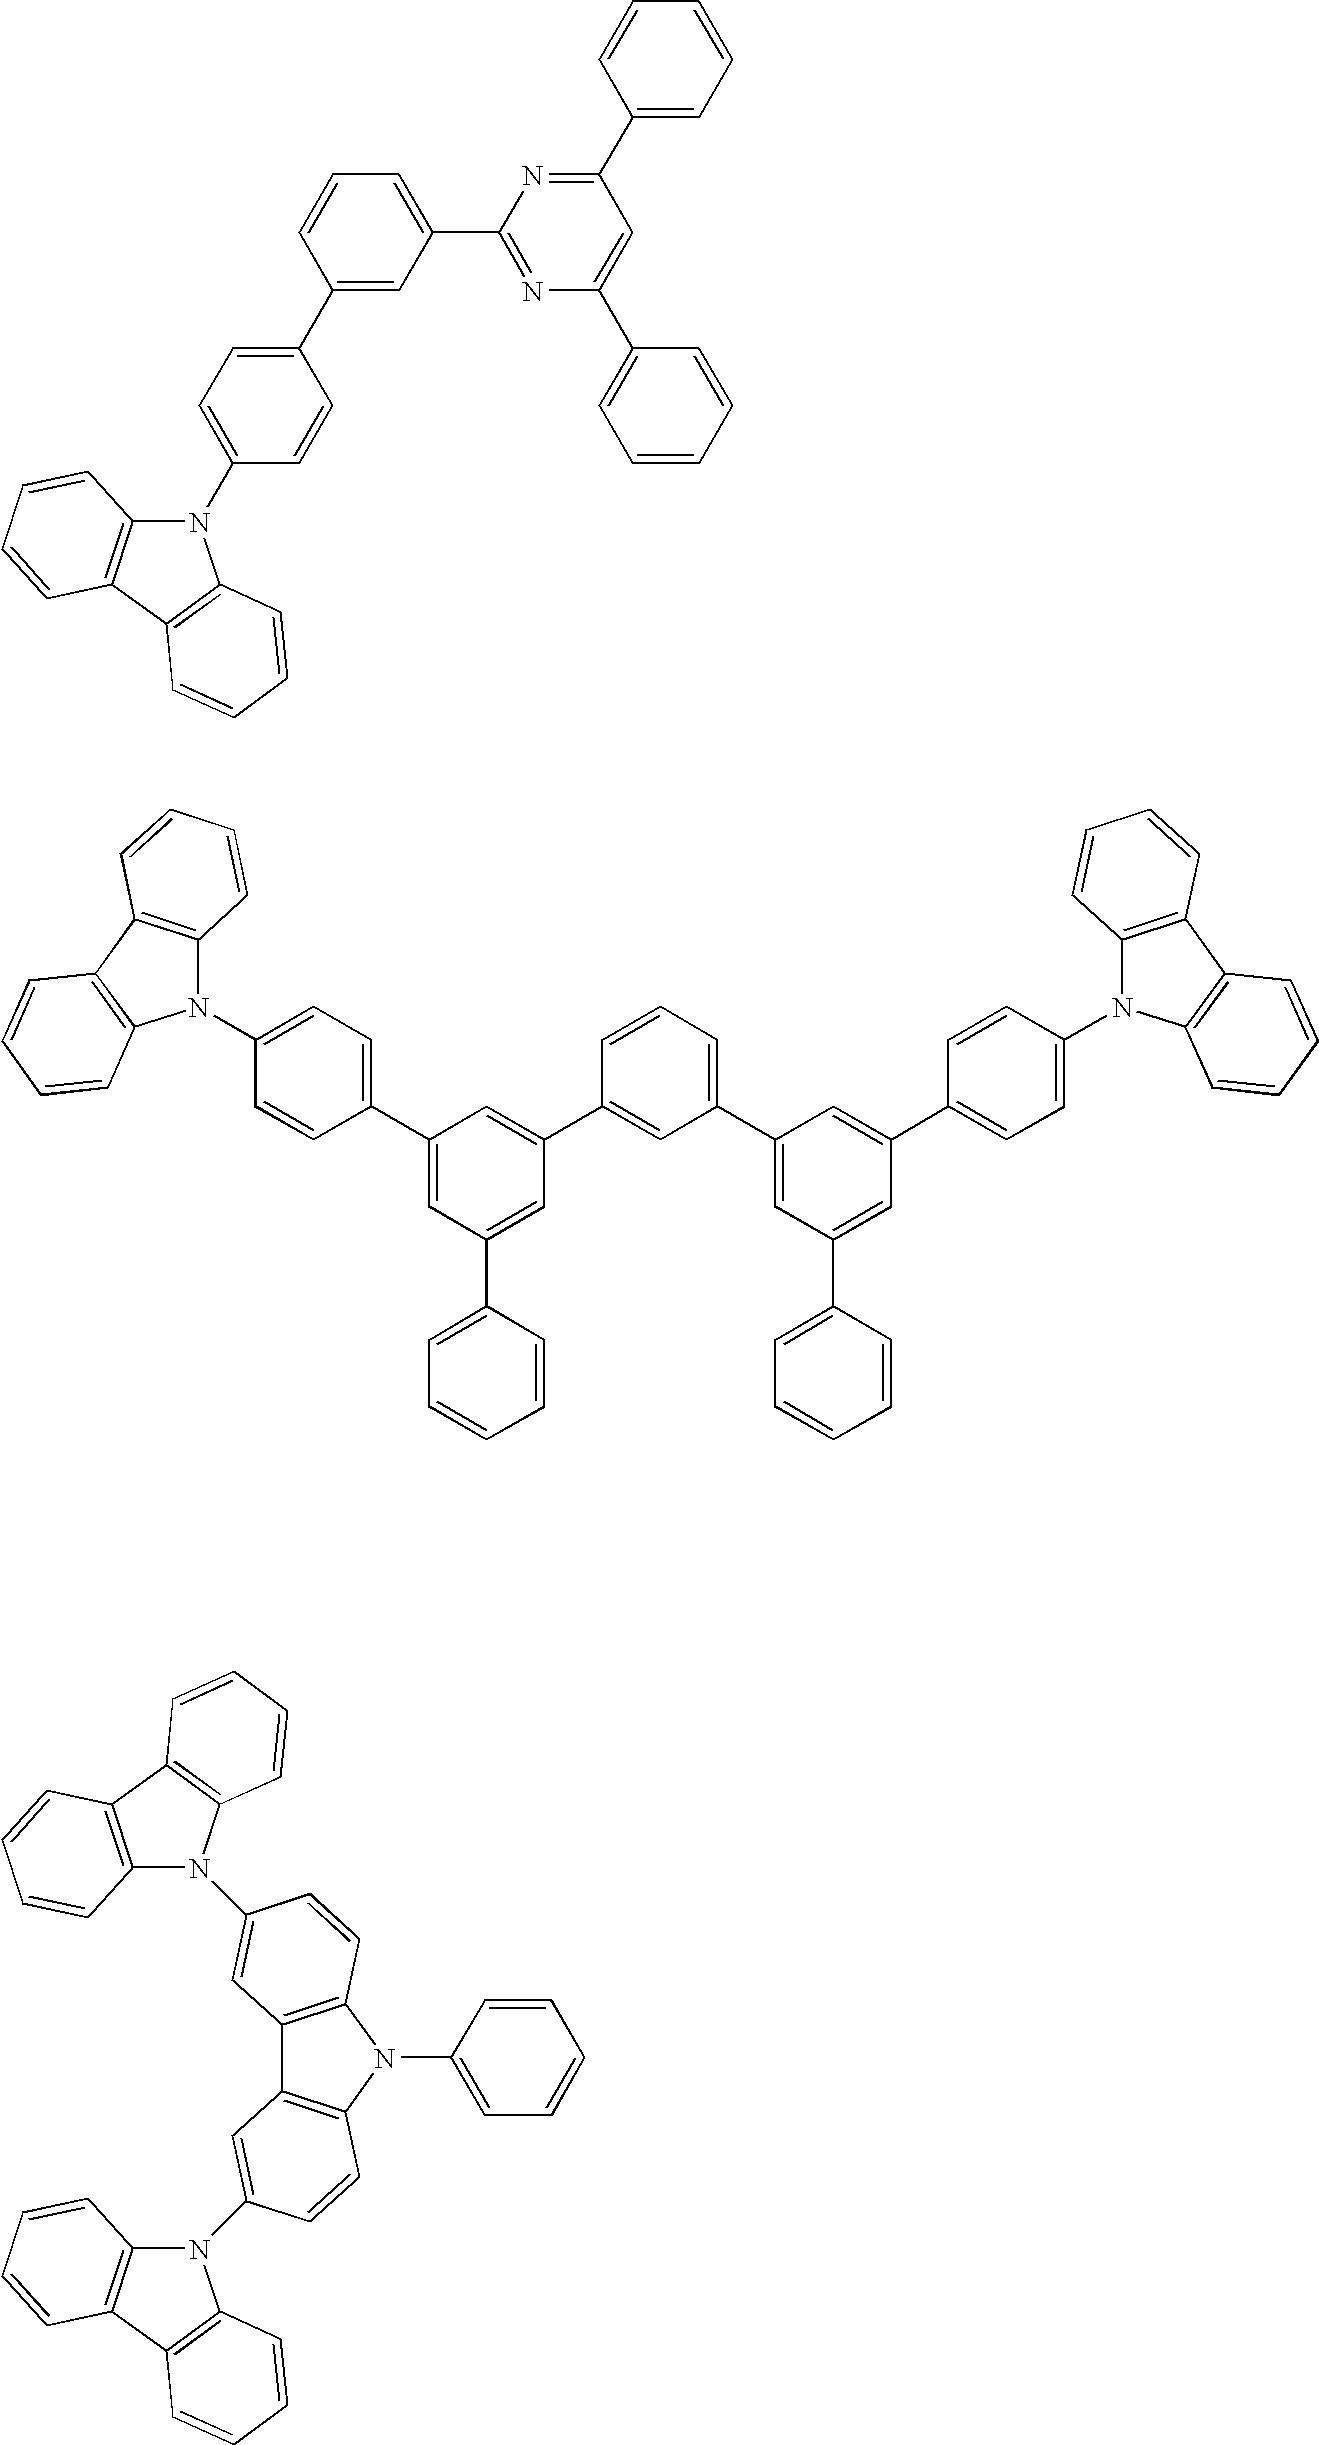 Figure US20100171109A1-20100708-C00150